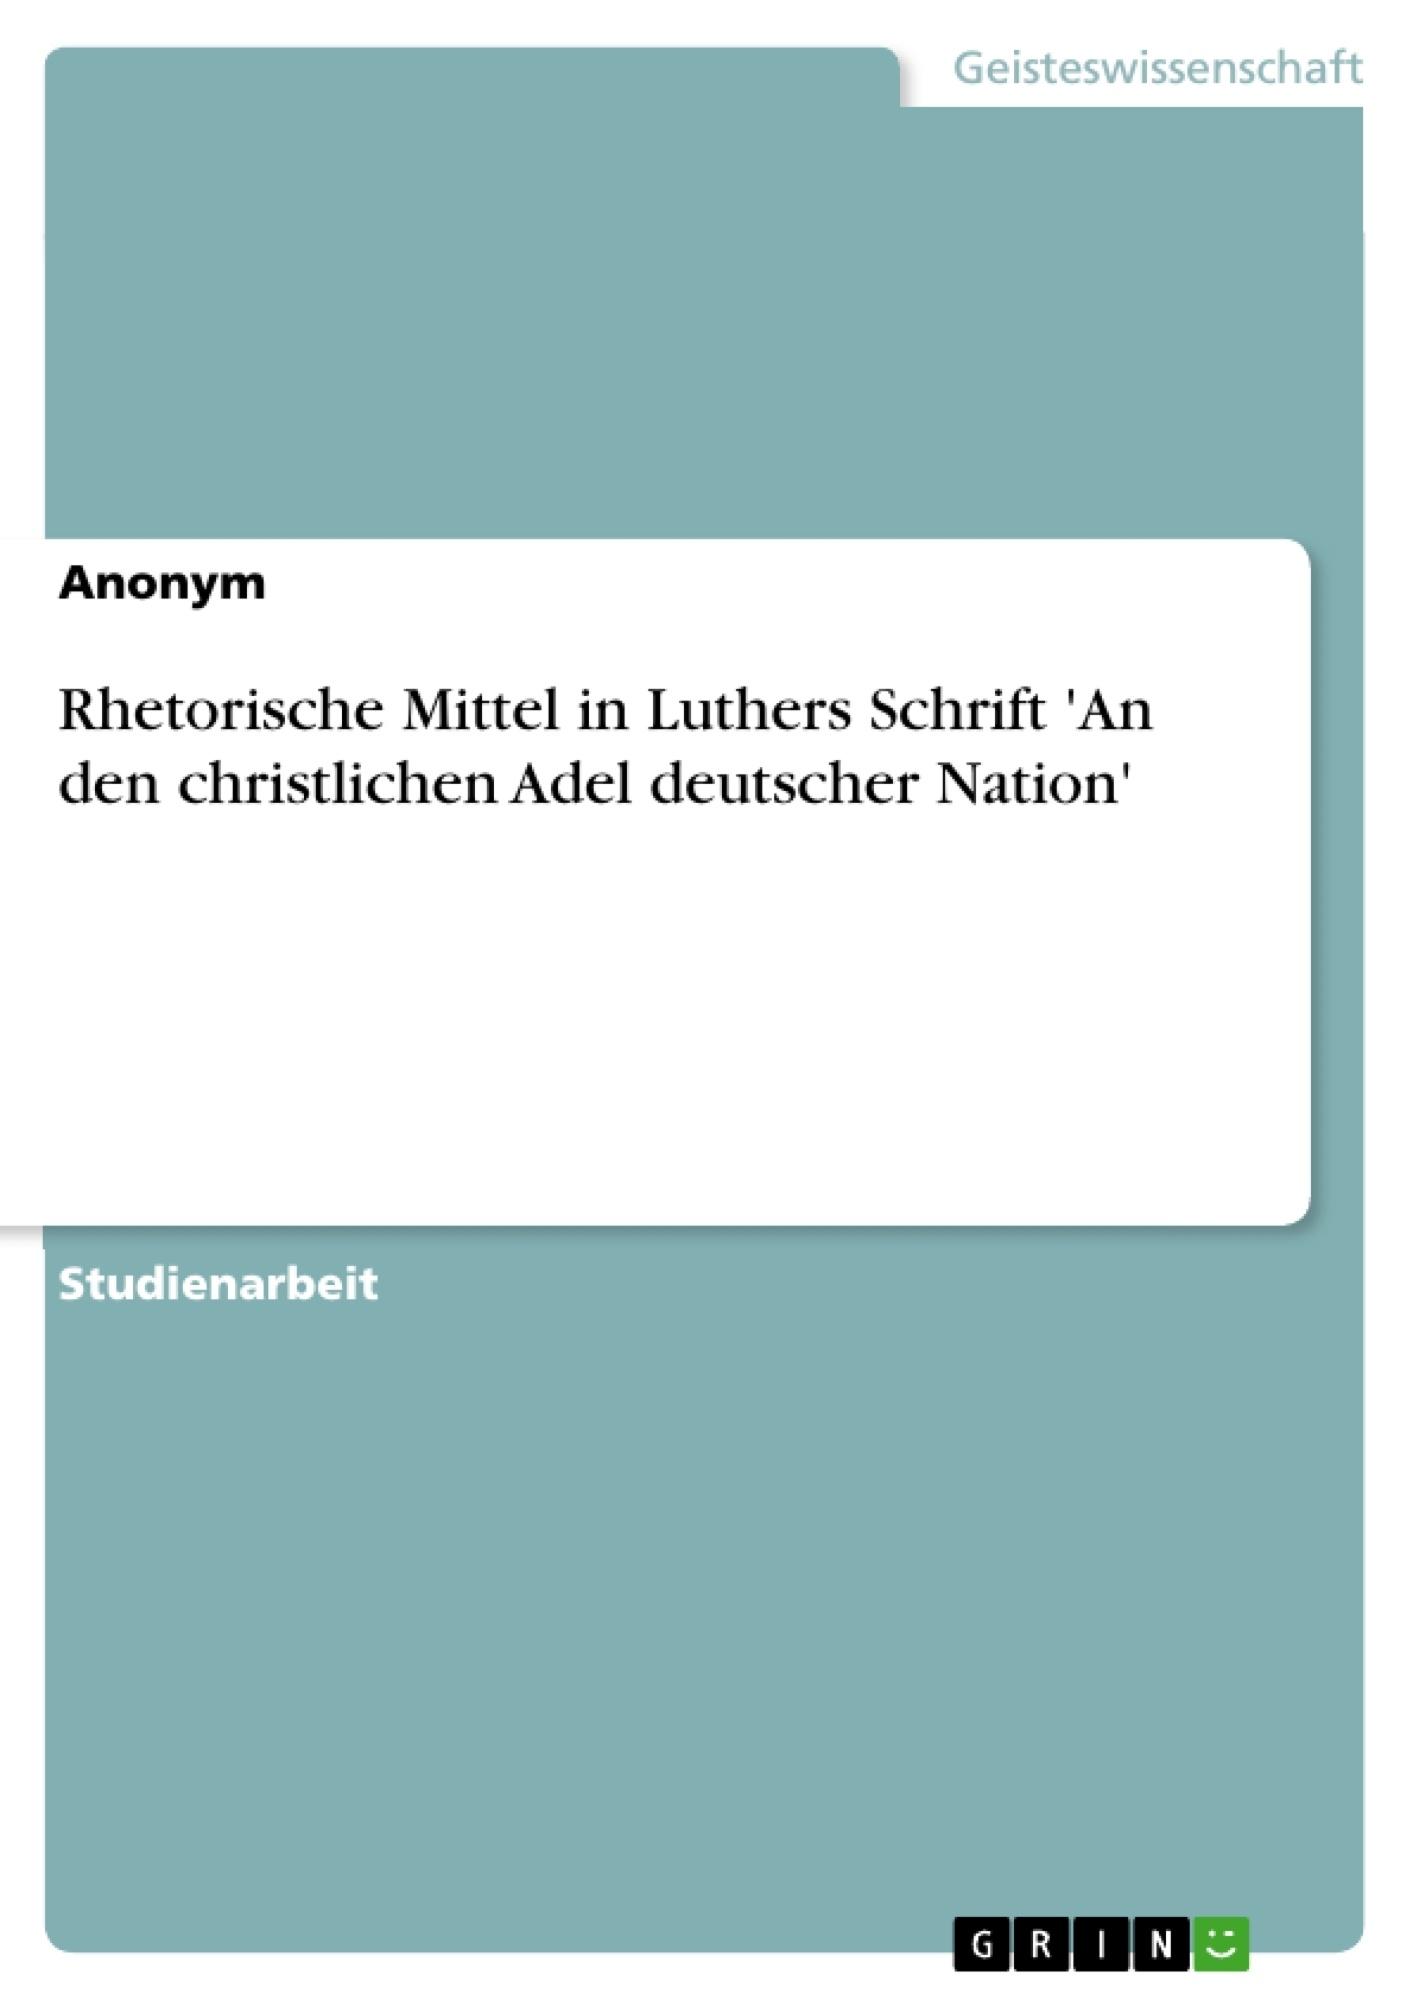 Titel: Rhetorische Mittel in Luthers Schrift 'An den christlichen Adel deutscher Nation'